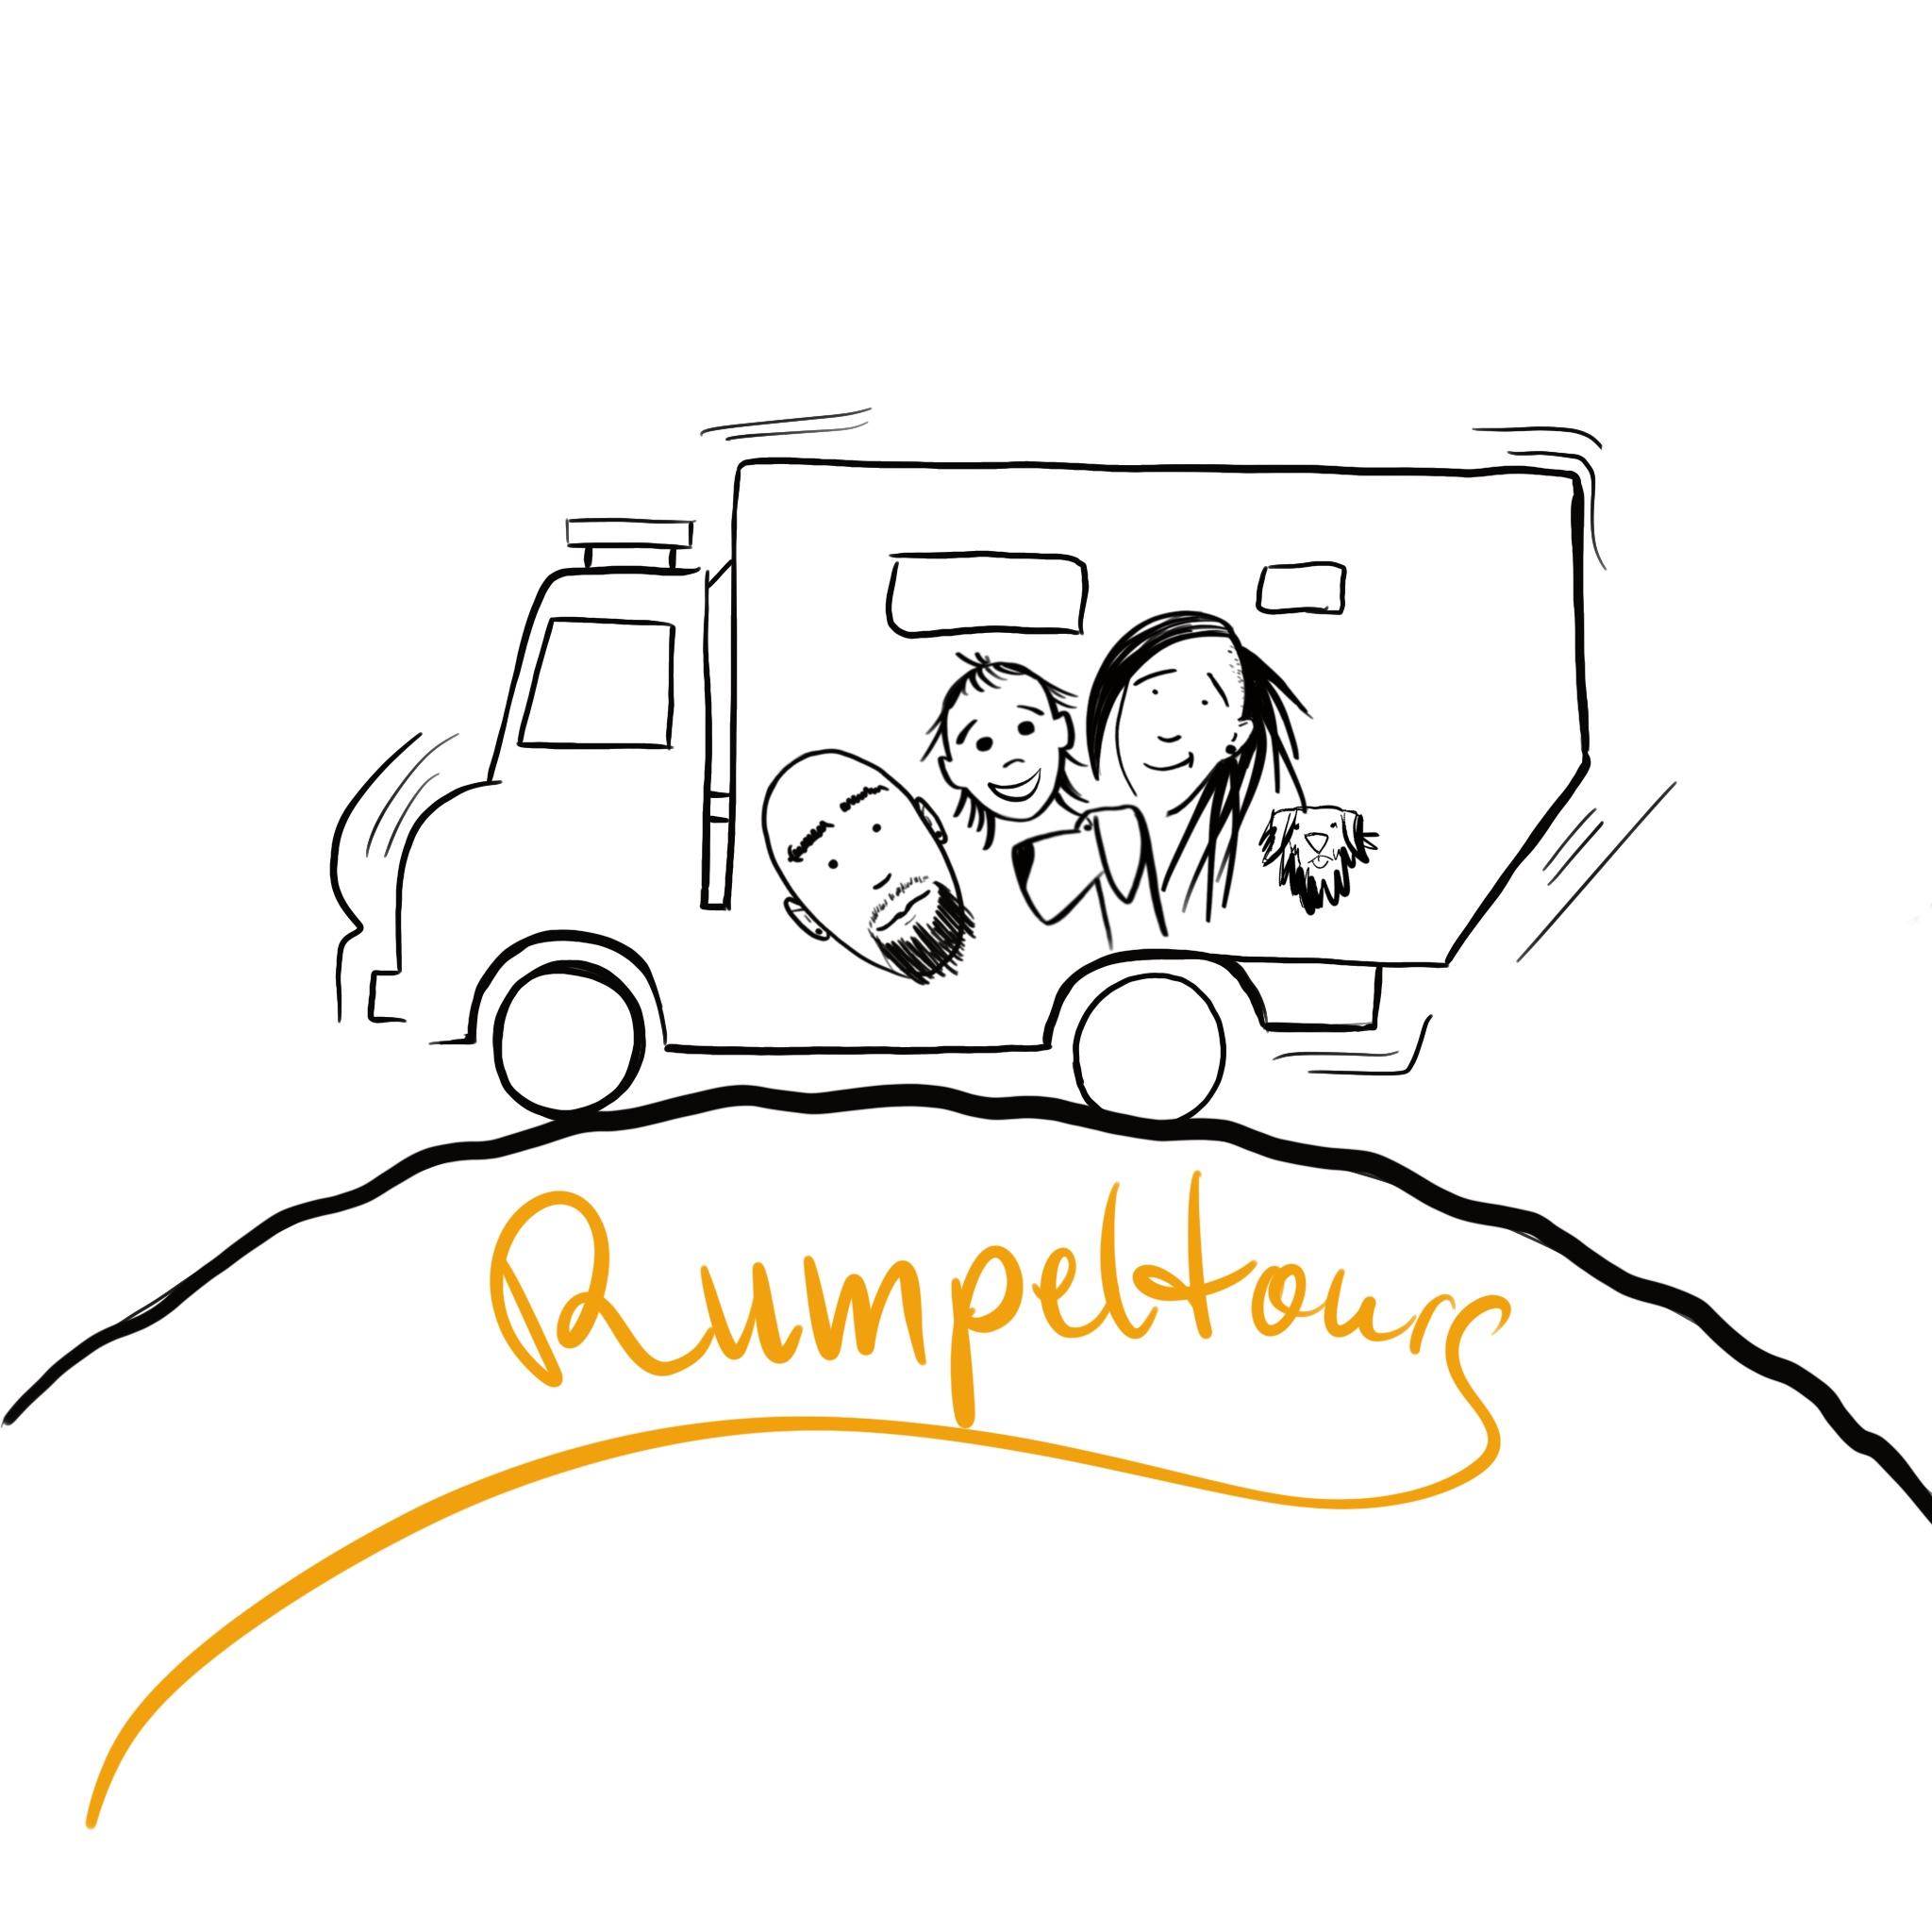 Rumpeltours – Mit dem Laster unterwegs